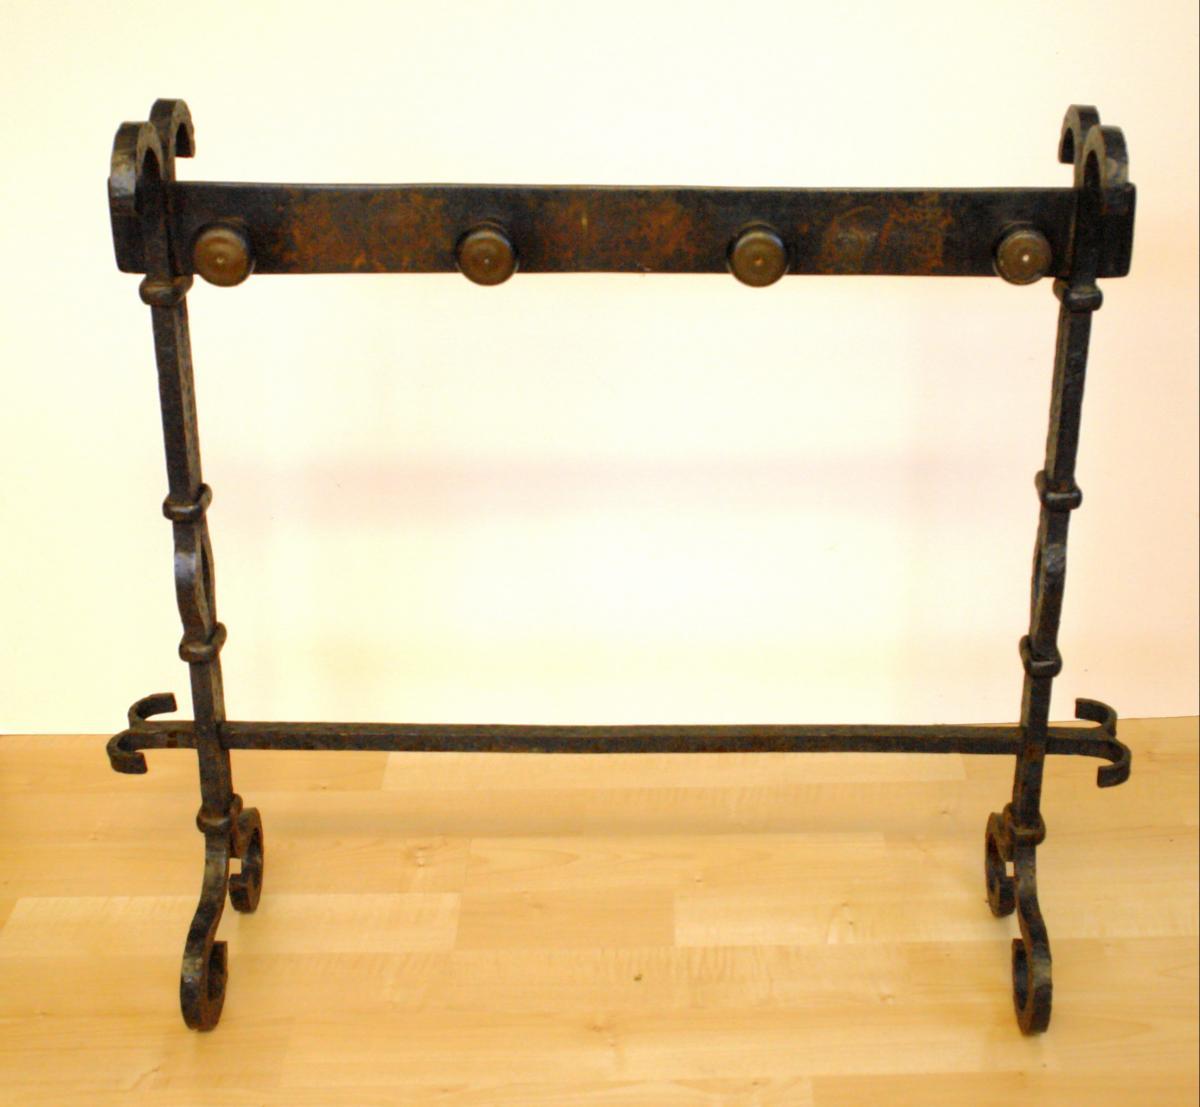 Antiker Kamingesteckhalter von 1763 Kaminbesteck Schmiedeeisen original 0